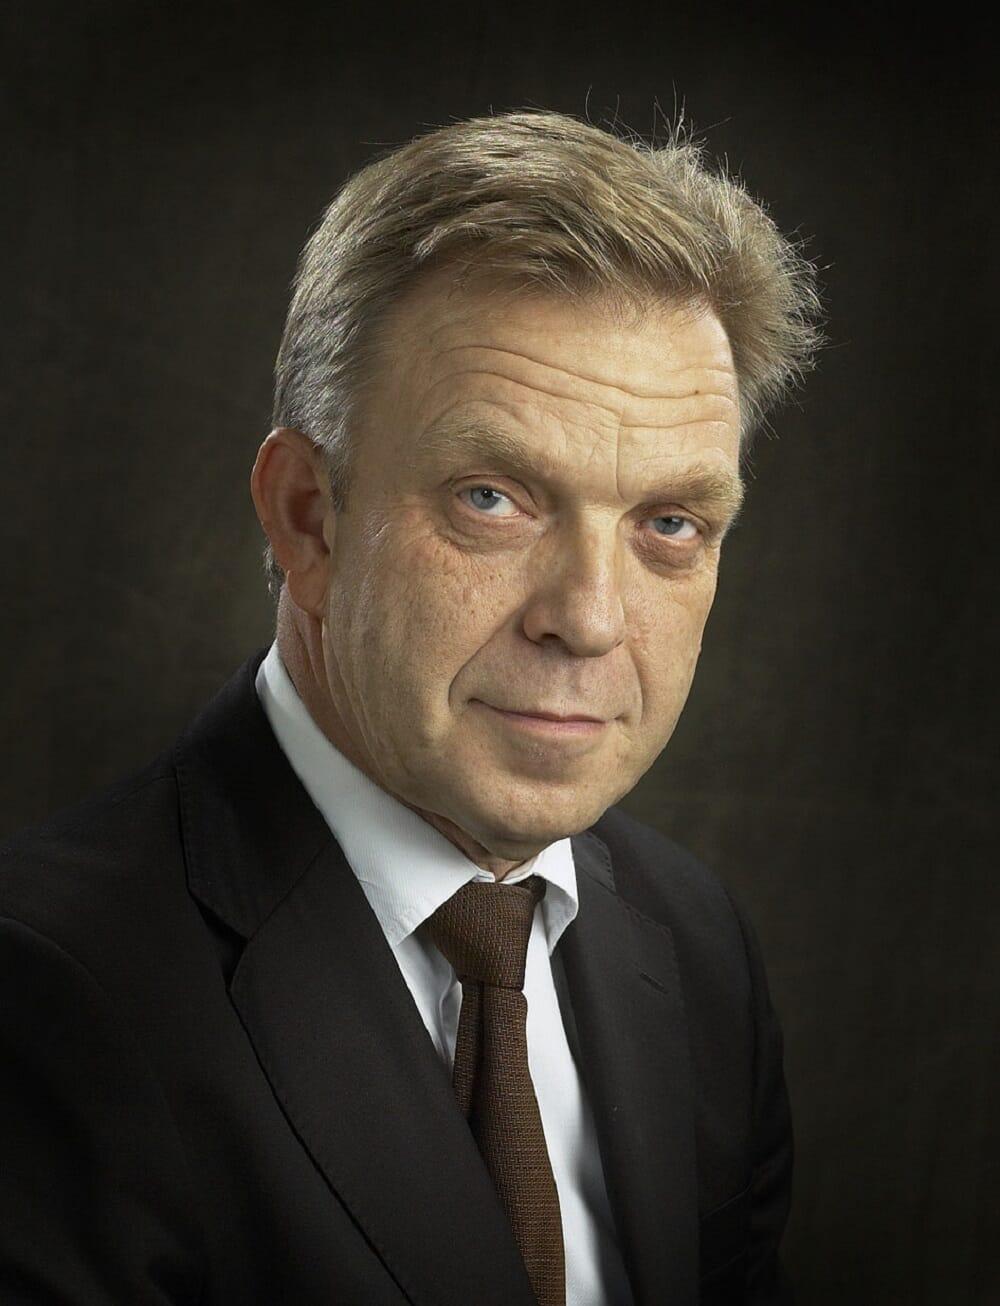 Rolf Skog